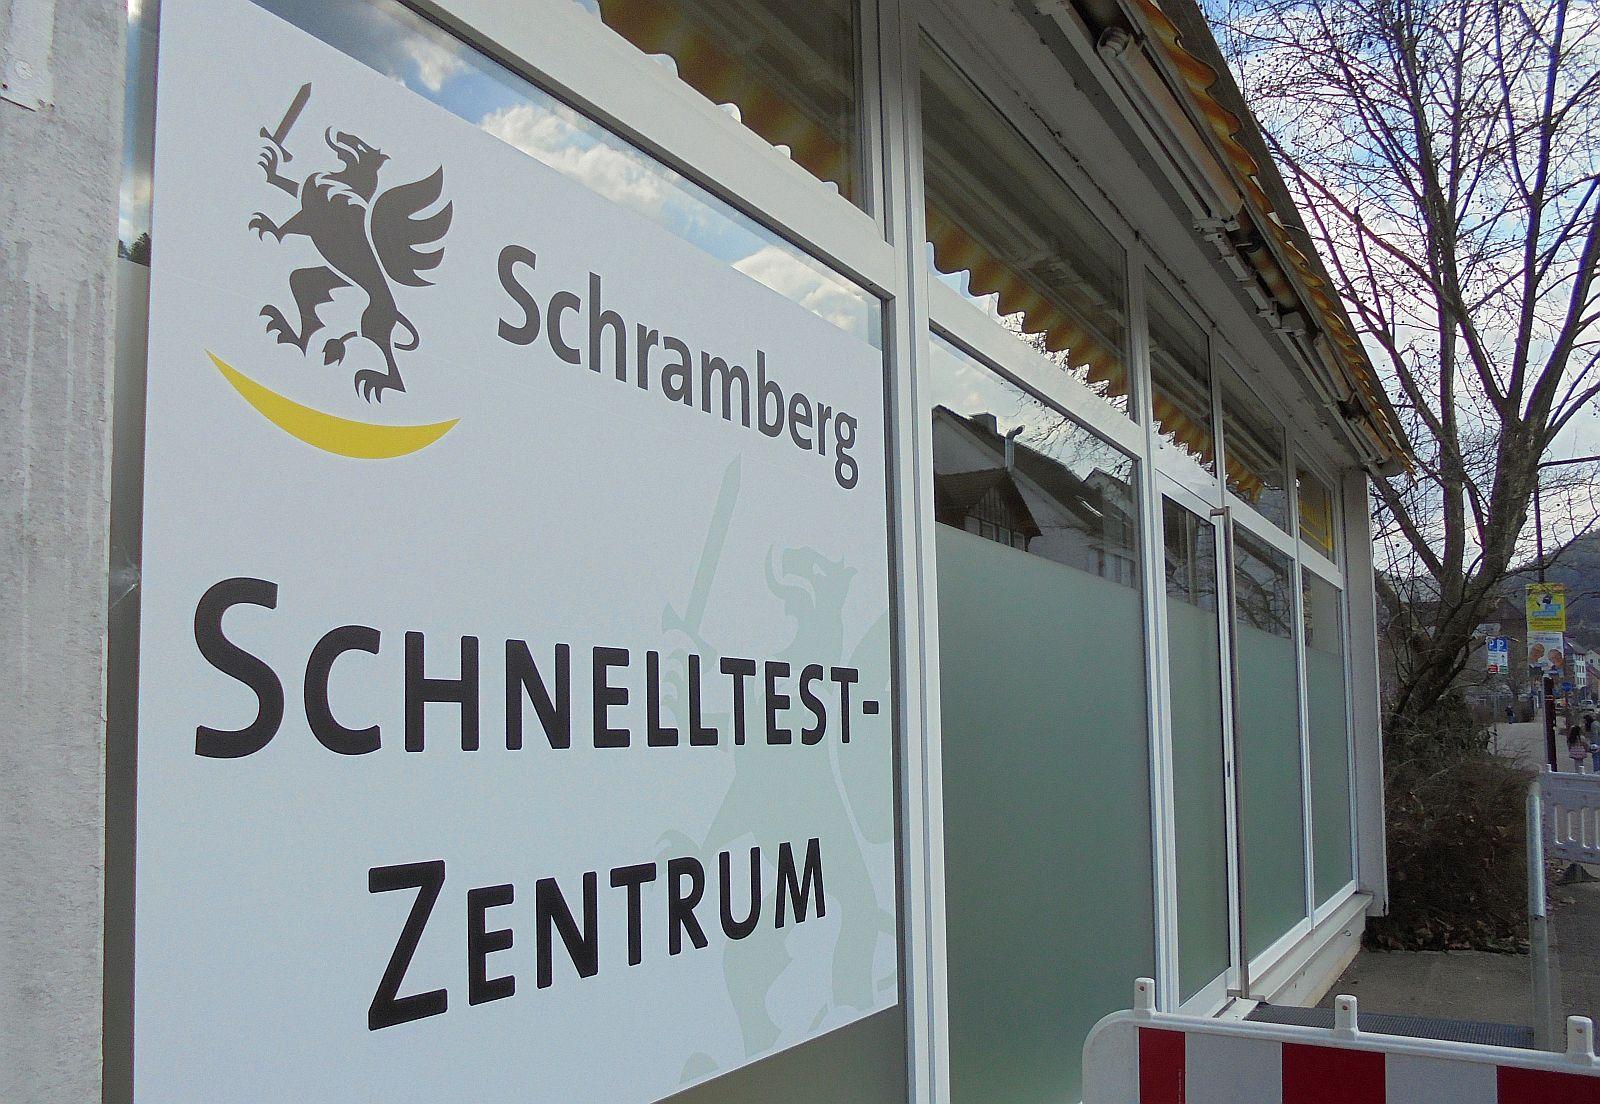 Das Schnelltestzentrum in der Berneckstraße schließt Ende des Monats. Foto: him